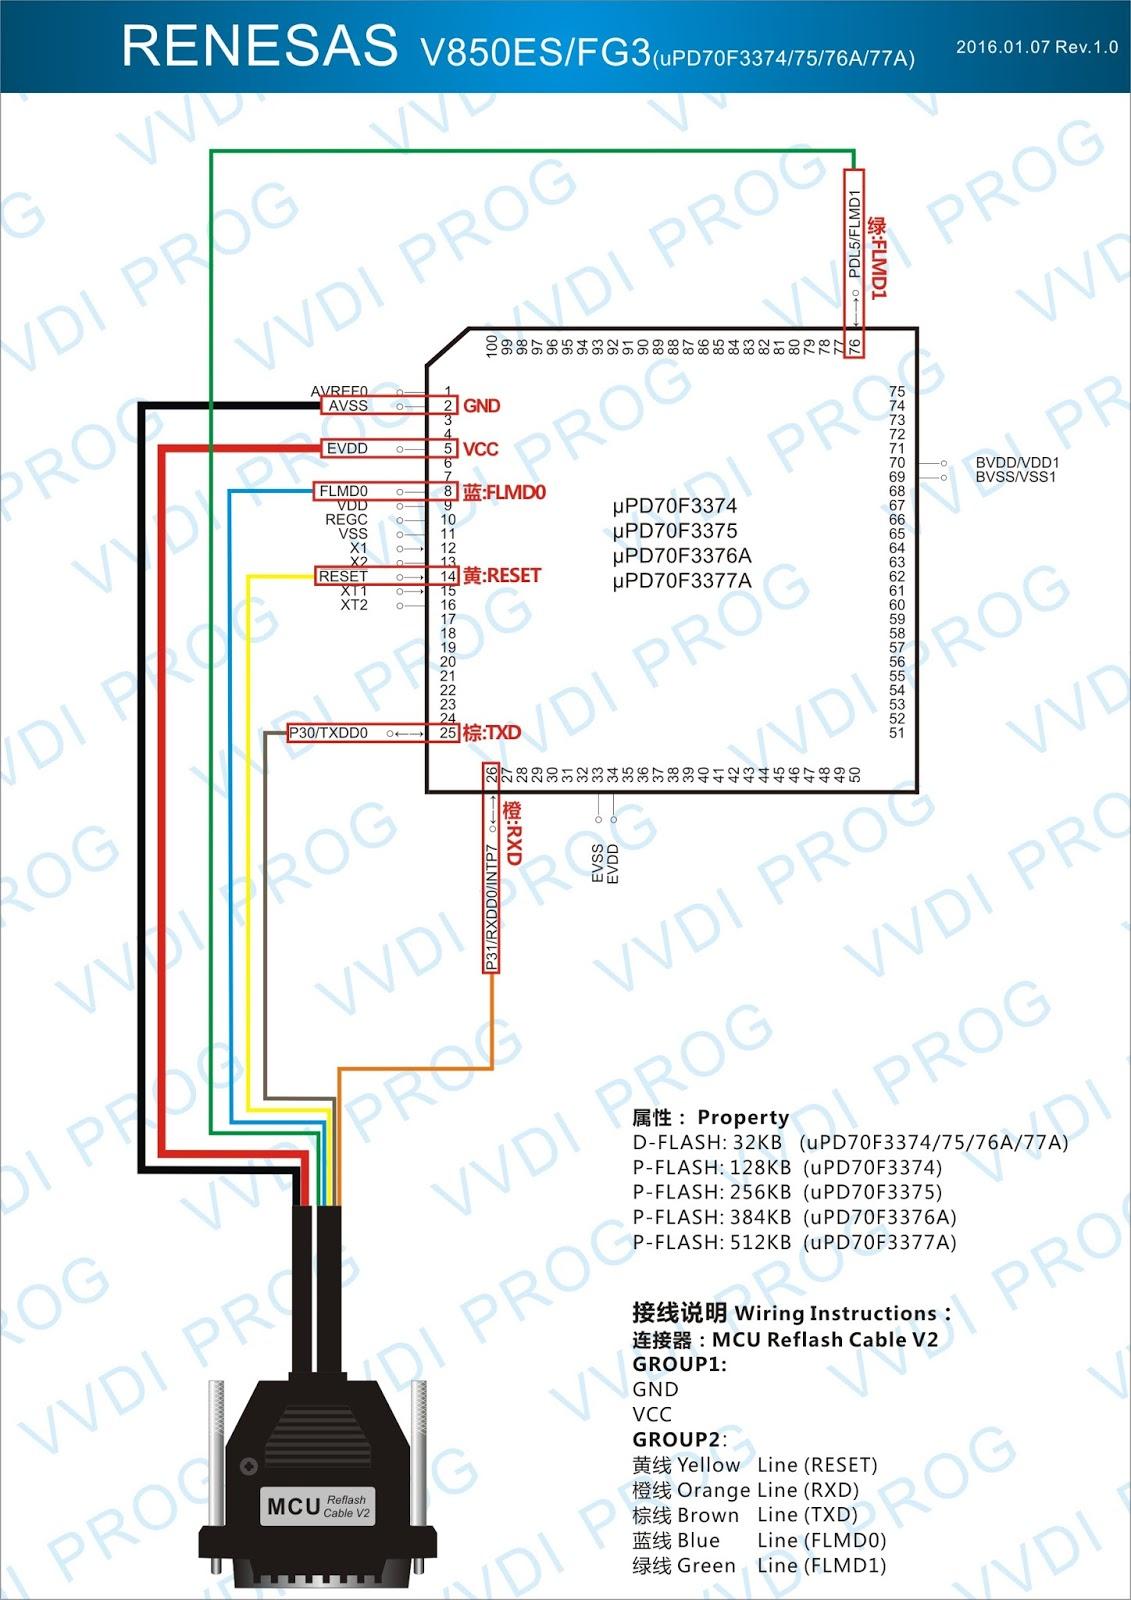 VVDI Prog 4.4.0 Wiring Instruction   OBD2 vehicle diagnostics